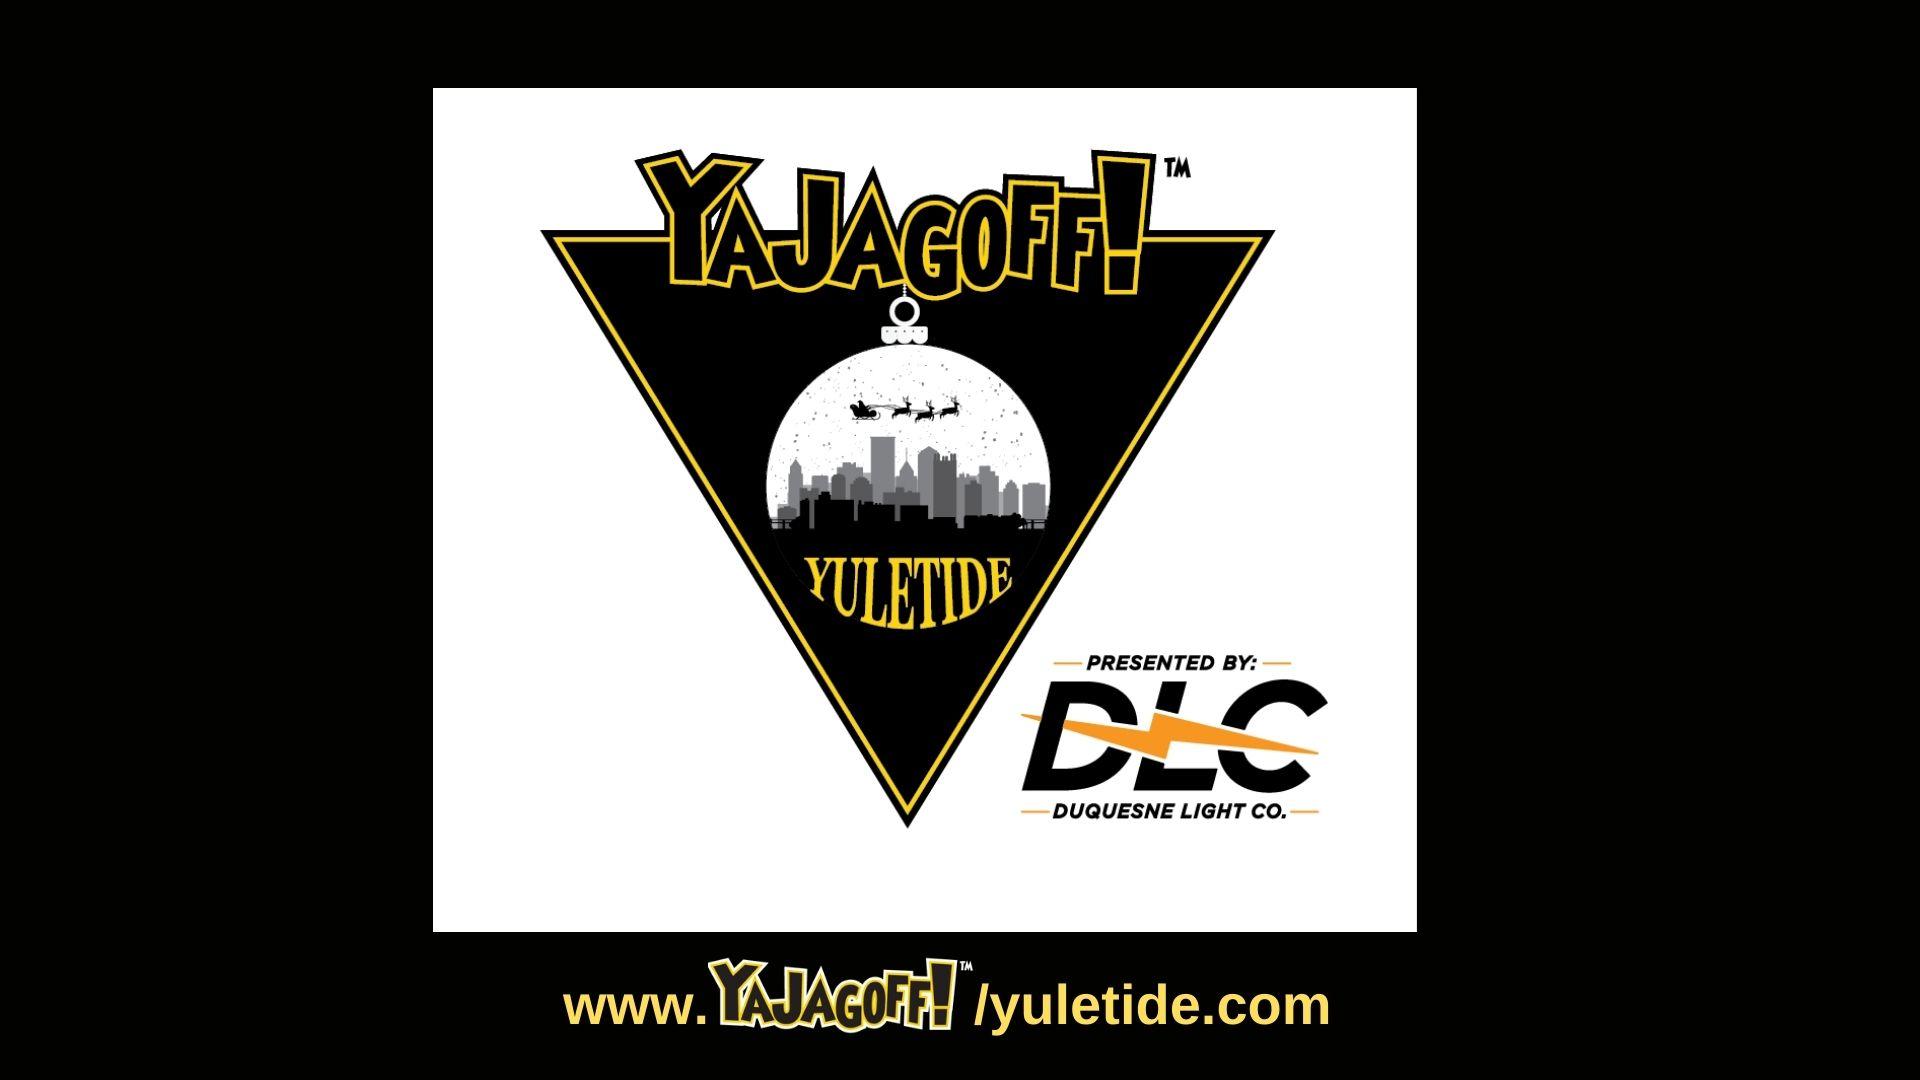 YaJagoff Yuletide